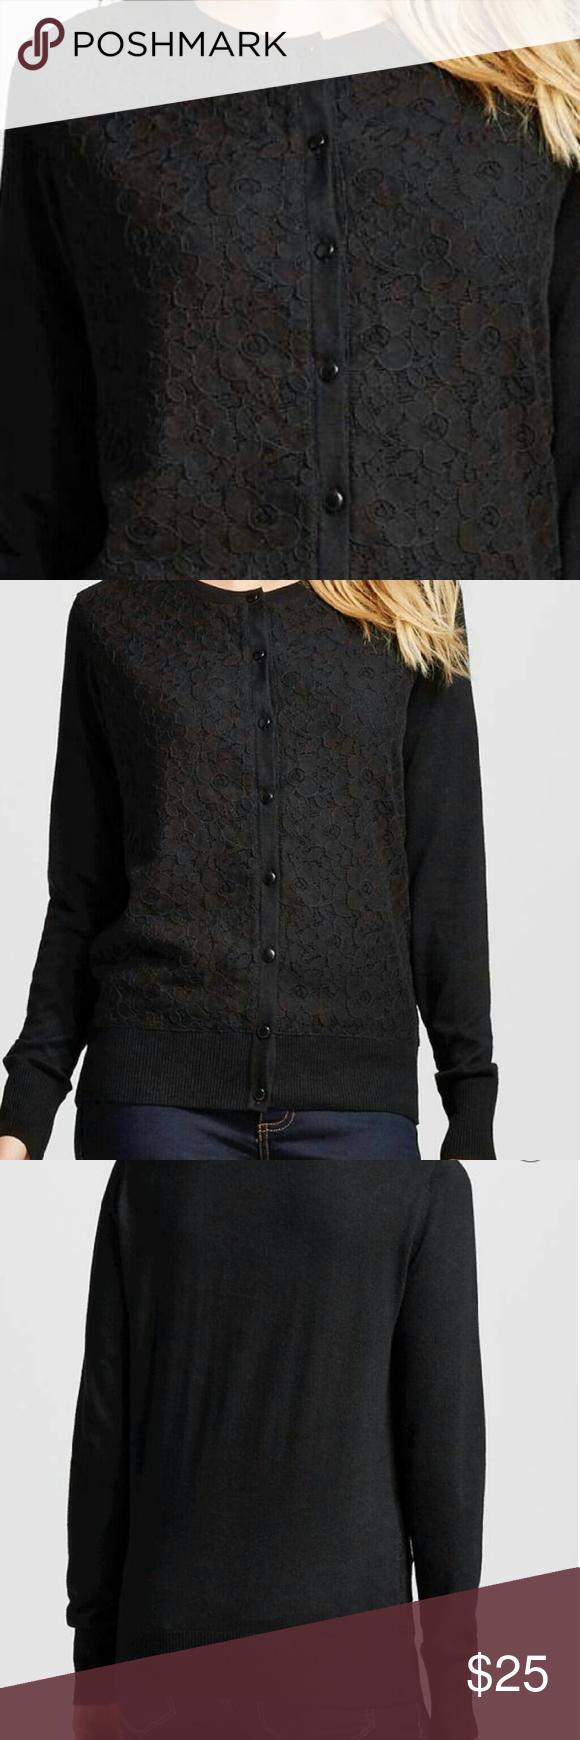 Embellished Lace Cardigan Sweater *Merona embellished lace ...